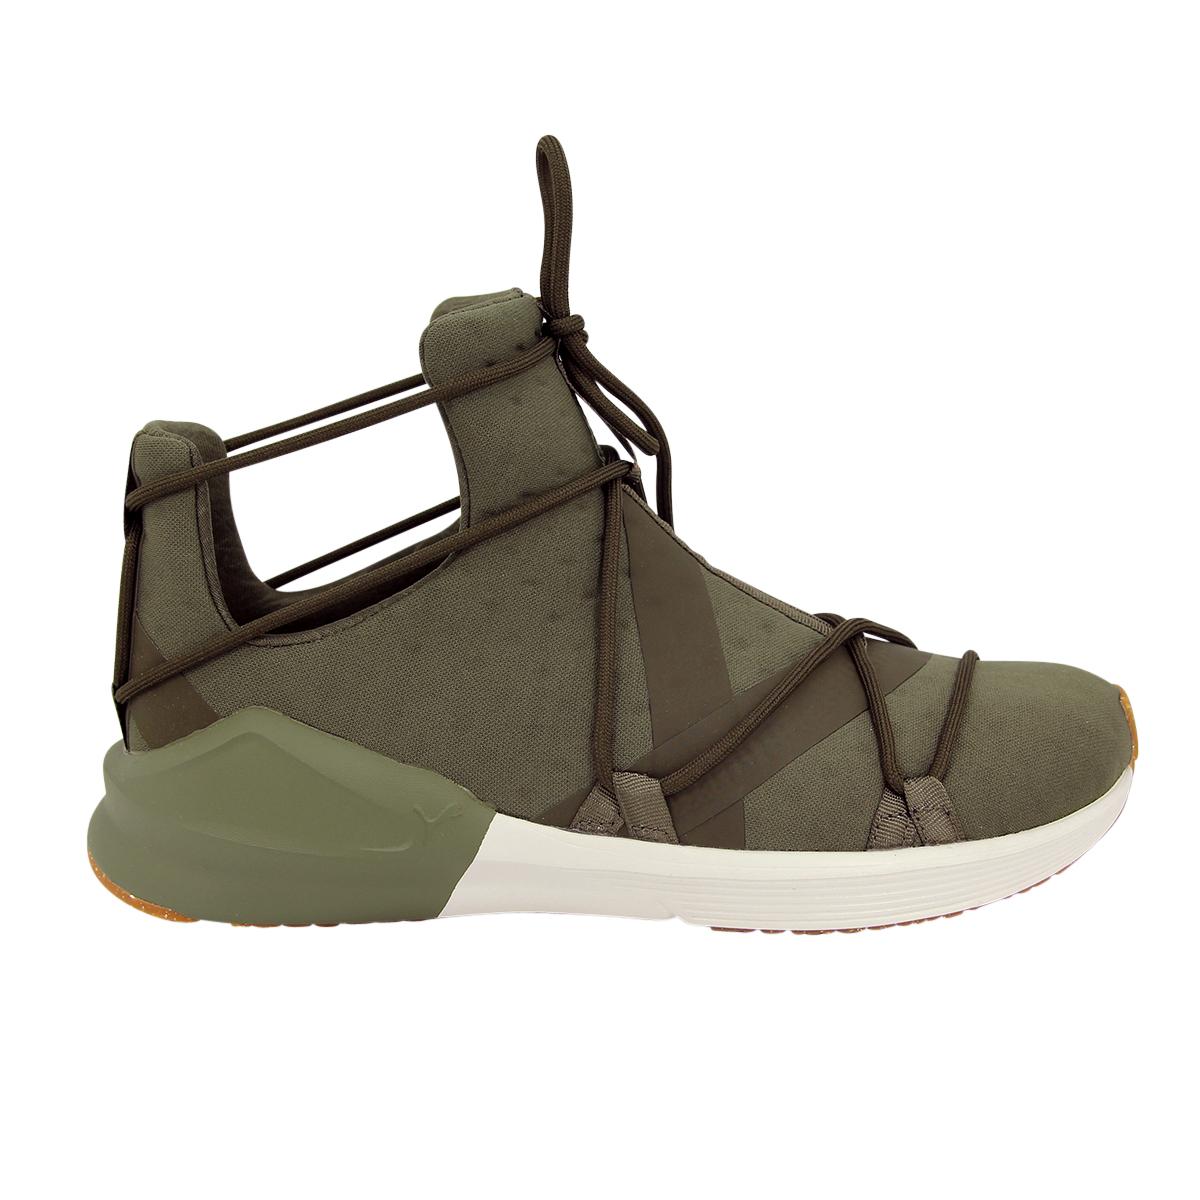 Puma fierce fierce fierce rope señora zapatillas zapatos nuevo  gran selección y entrega rápida